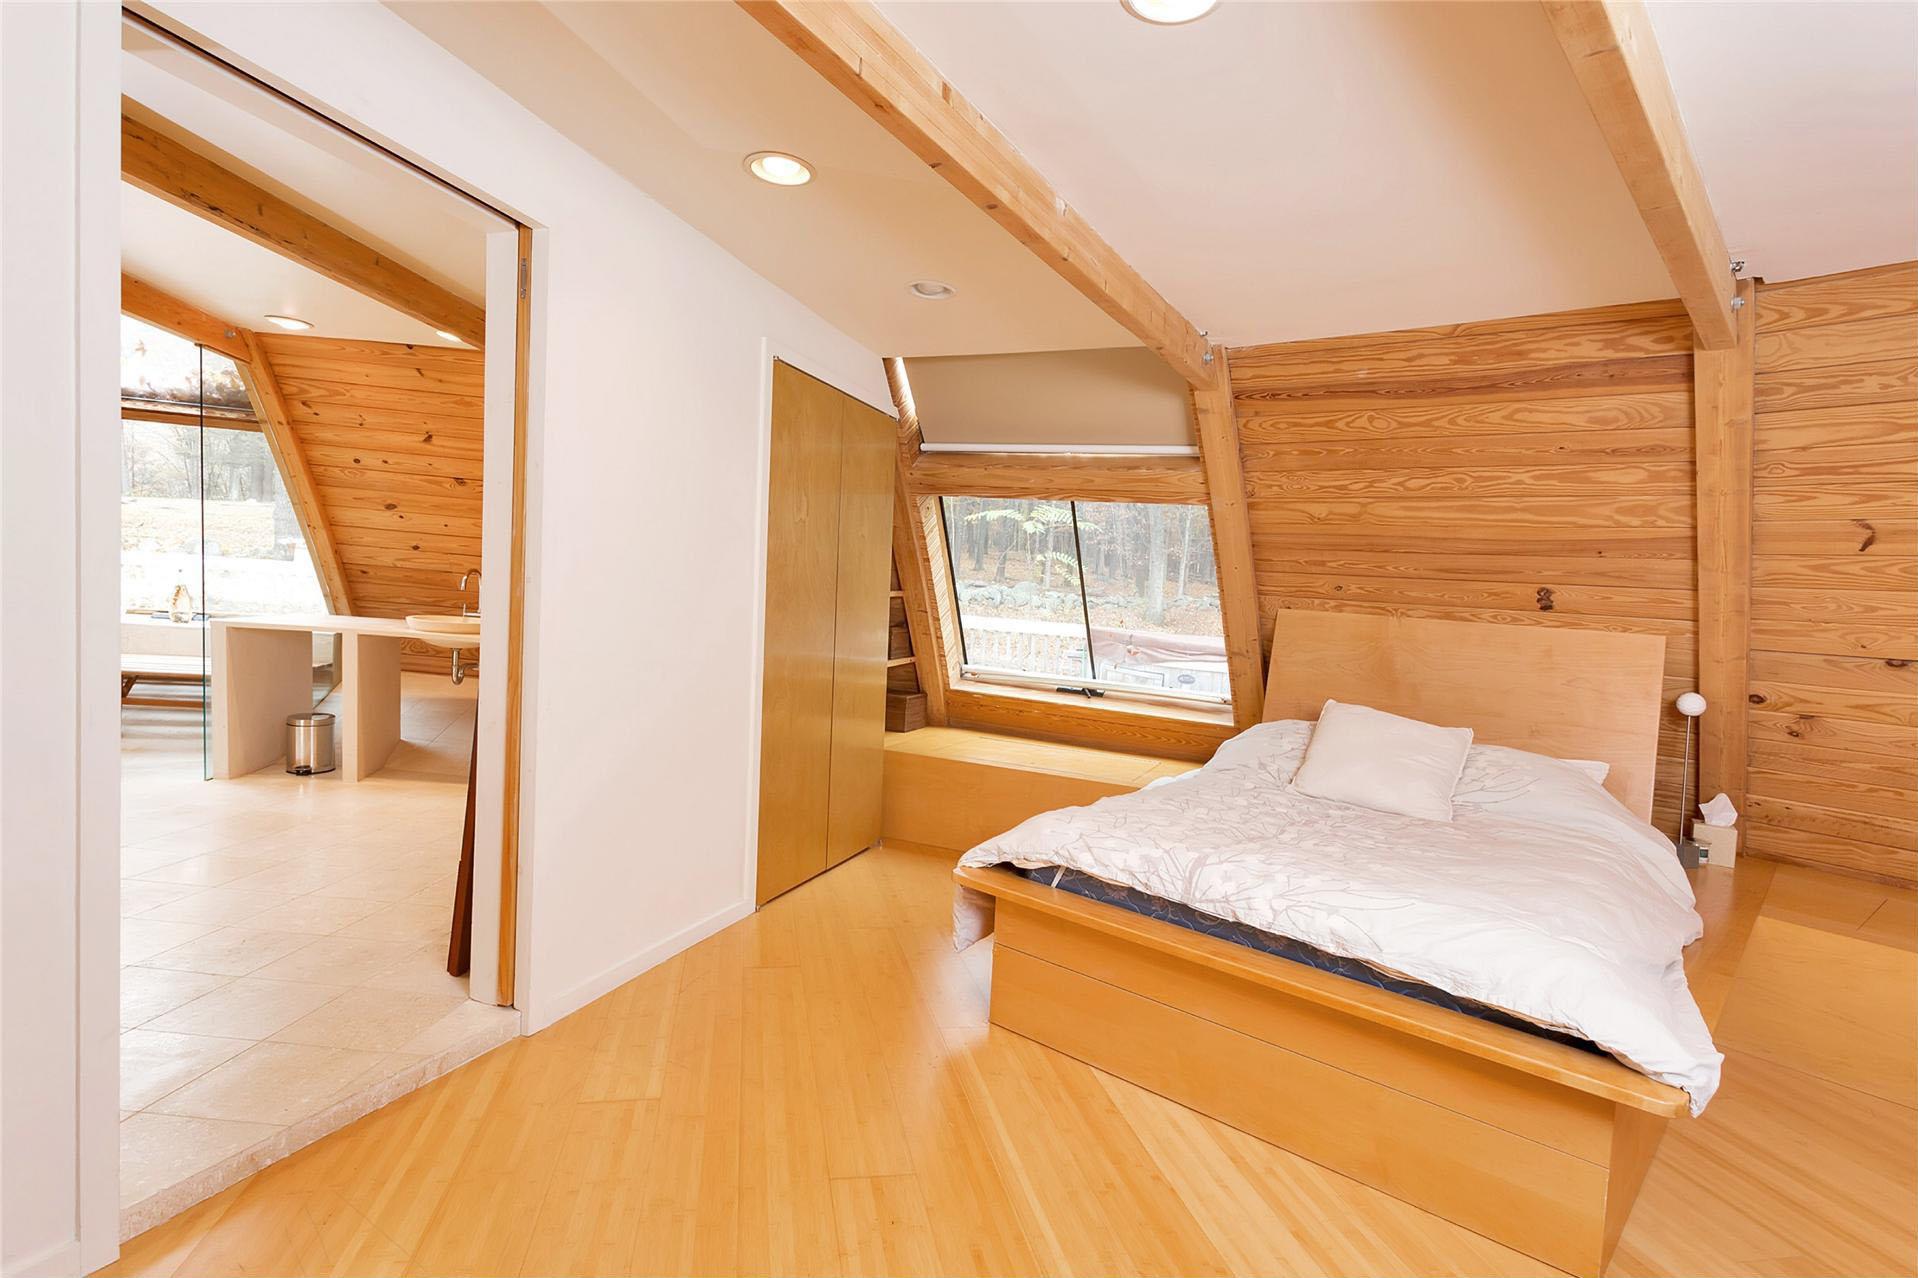 Best Kitchen Gallery: Sloped Roof Bedroom Interior Design Ideas of Bedroom With Roof on rachelxblog.com